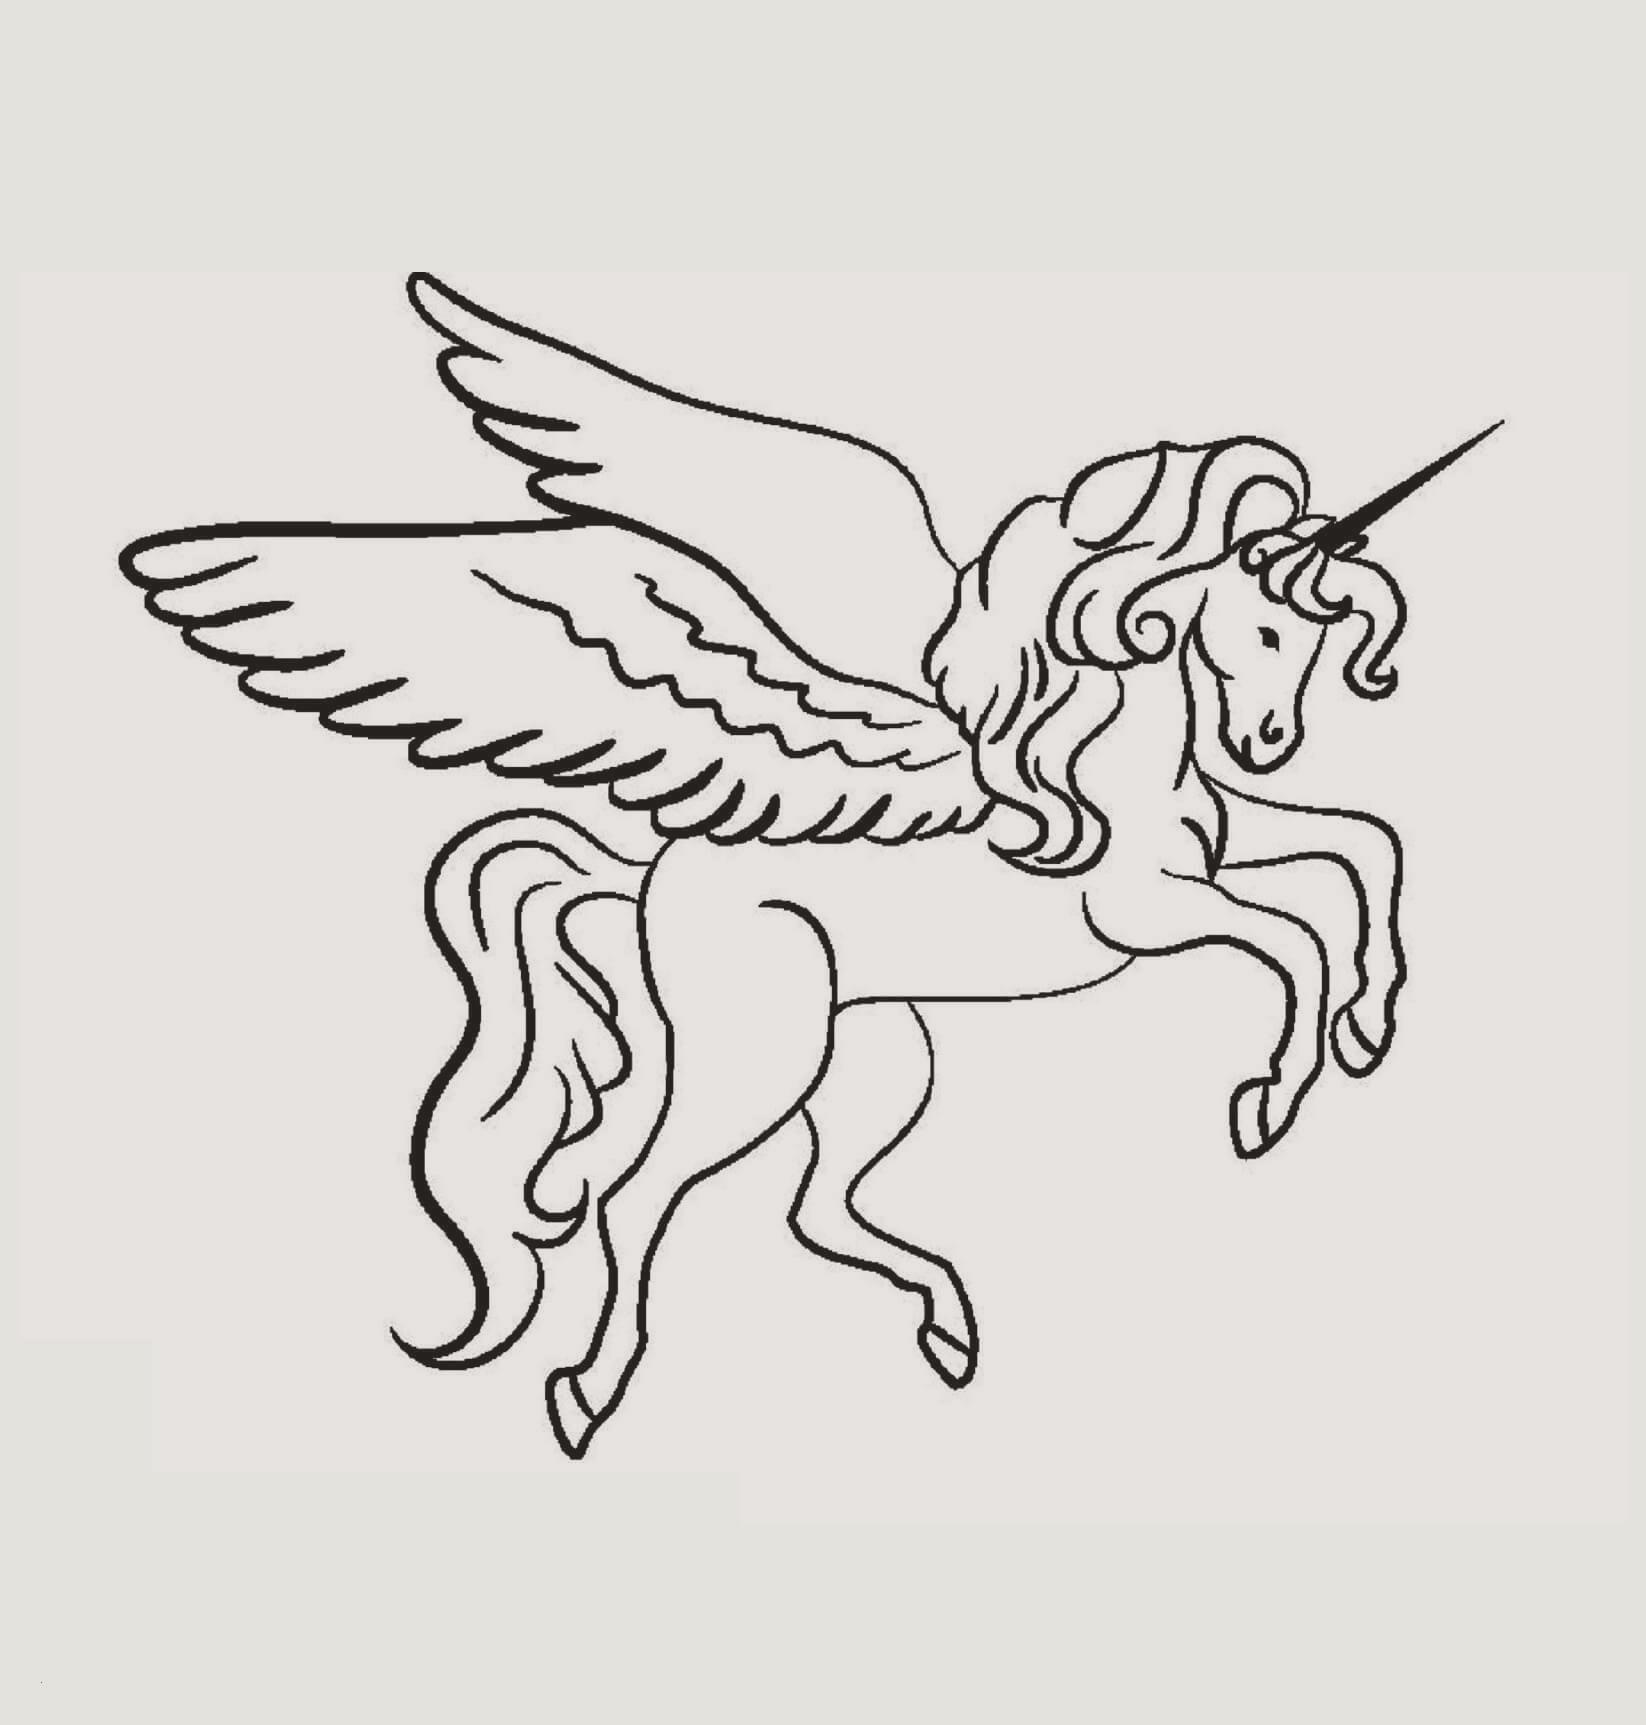 Ausmalbilder Zum Ausdrucken Einhorn Das Beste Von 96 Ausmalbilder Pegasus Einhorn Stock